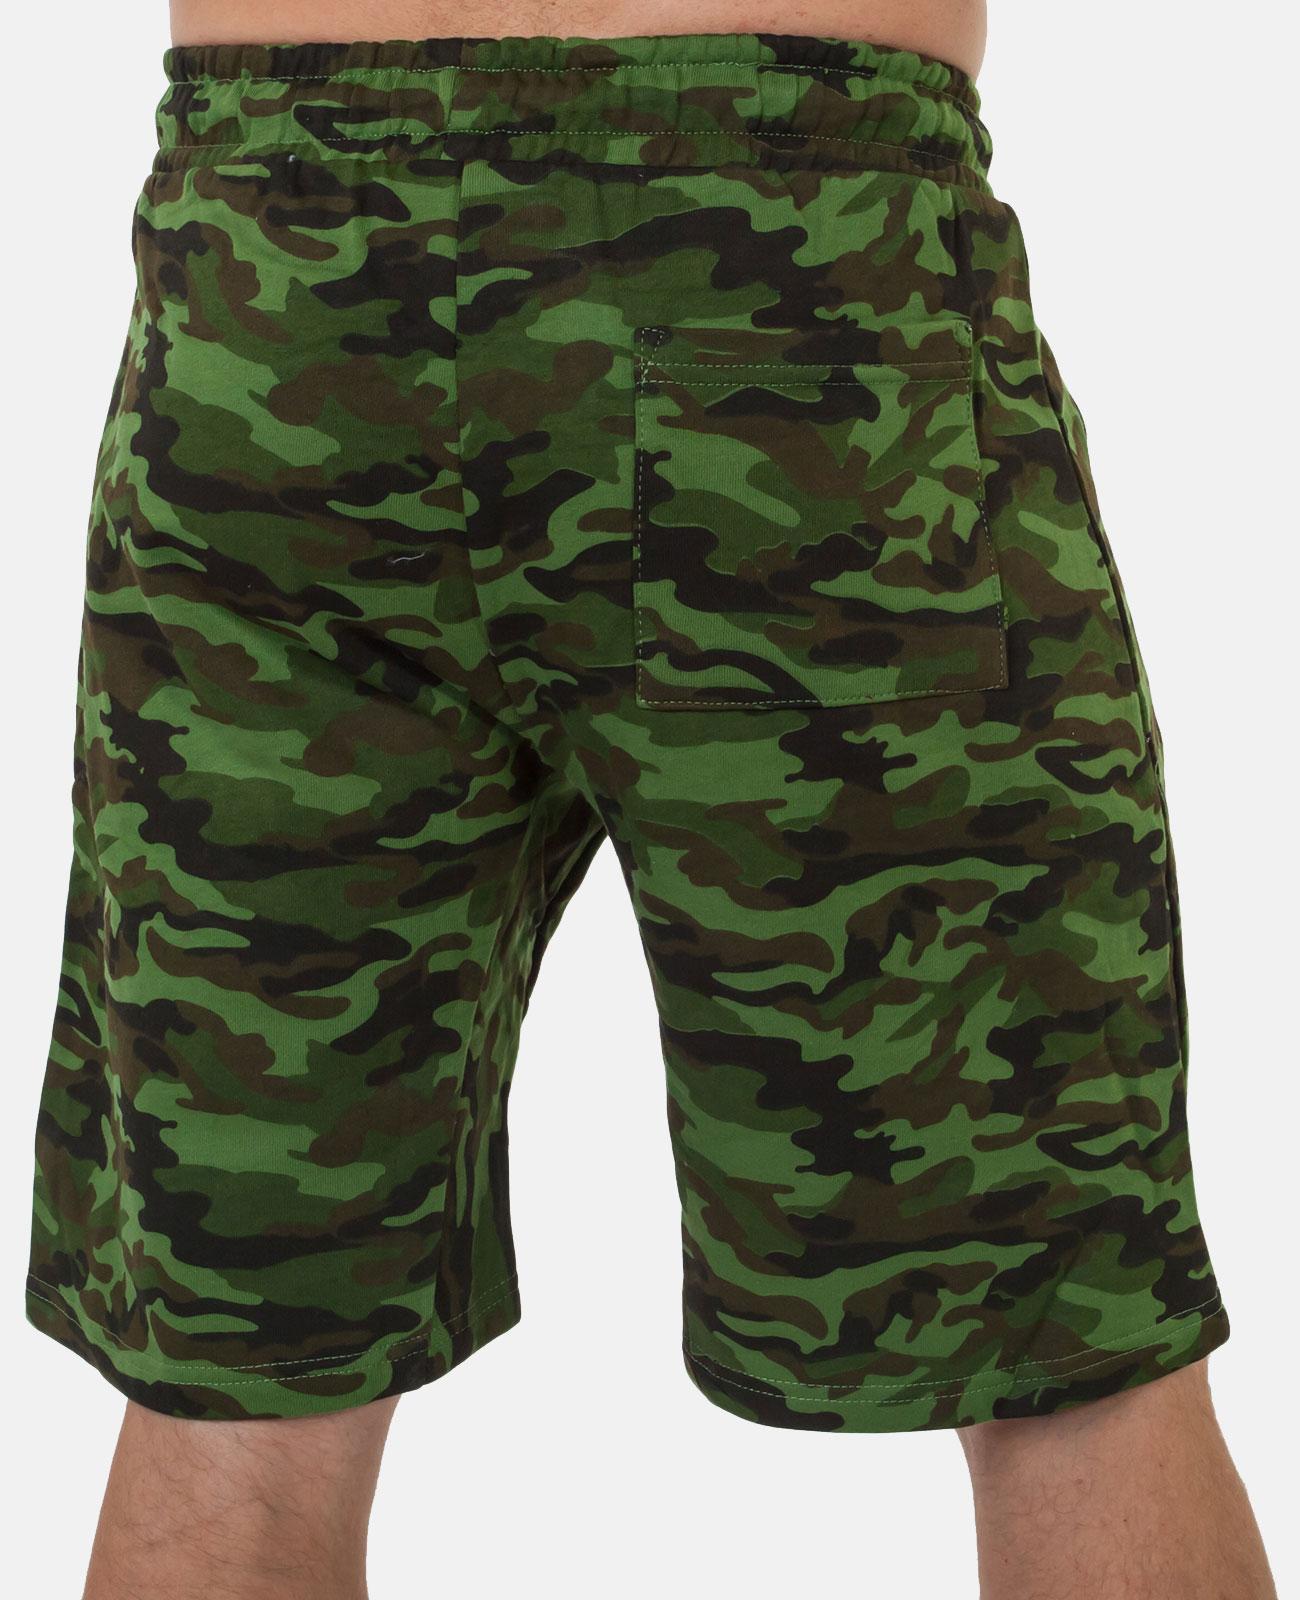 Крутые камуфляжные шорты для парней купить онлайн